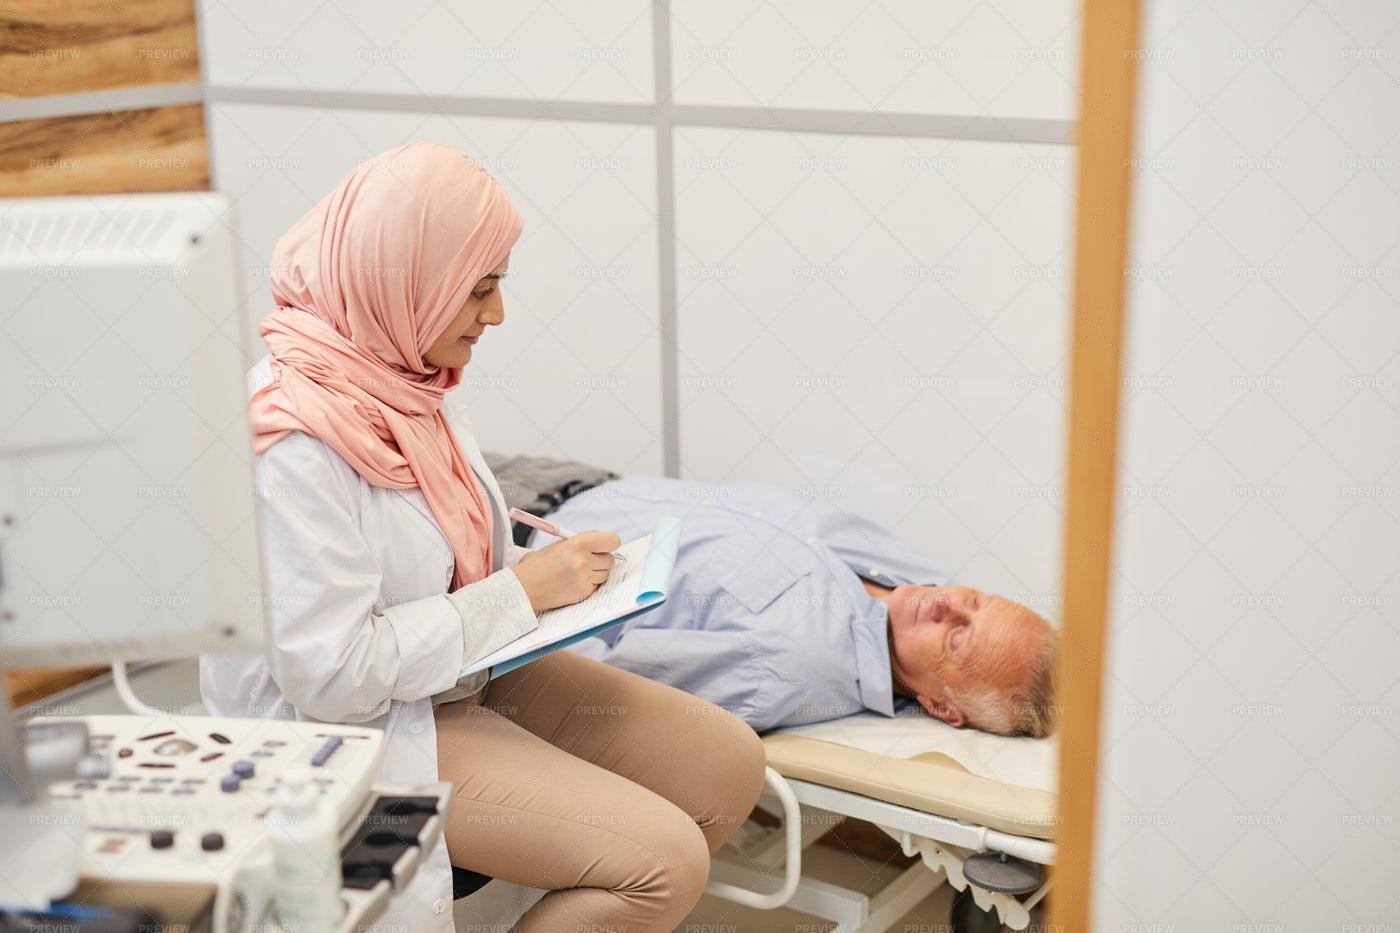 Arab Nurse Filling In Patients Form: Stock Photos